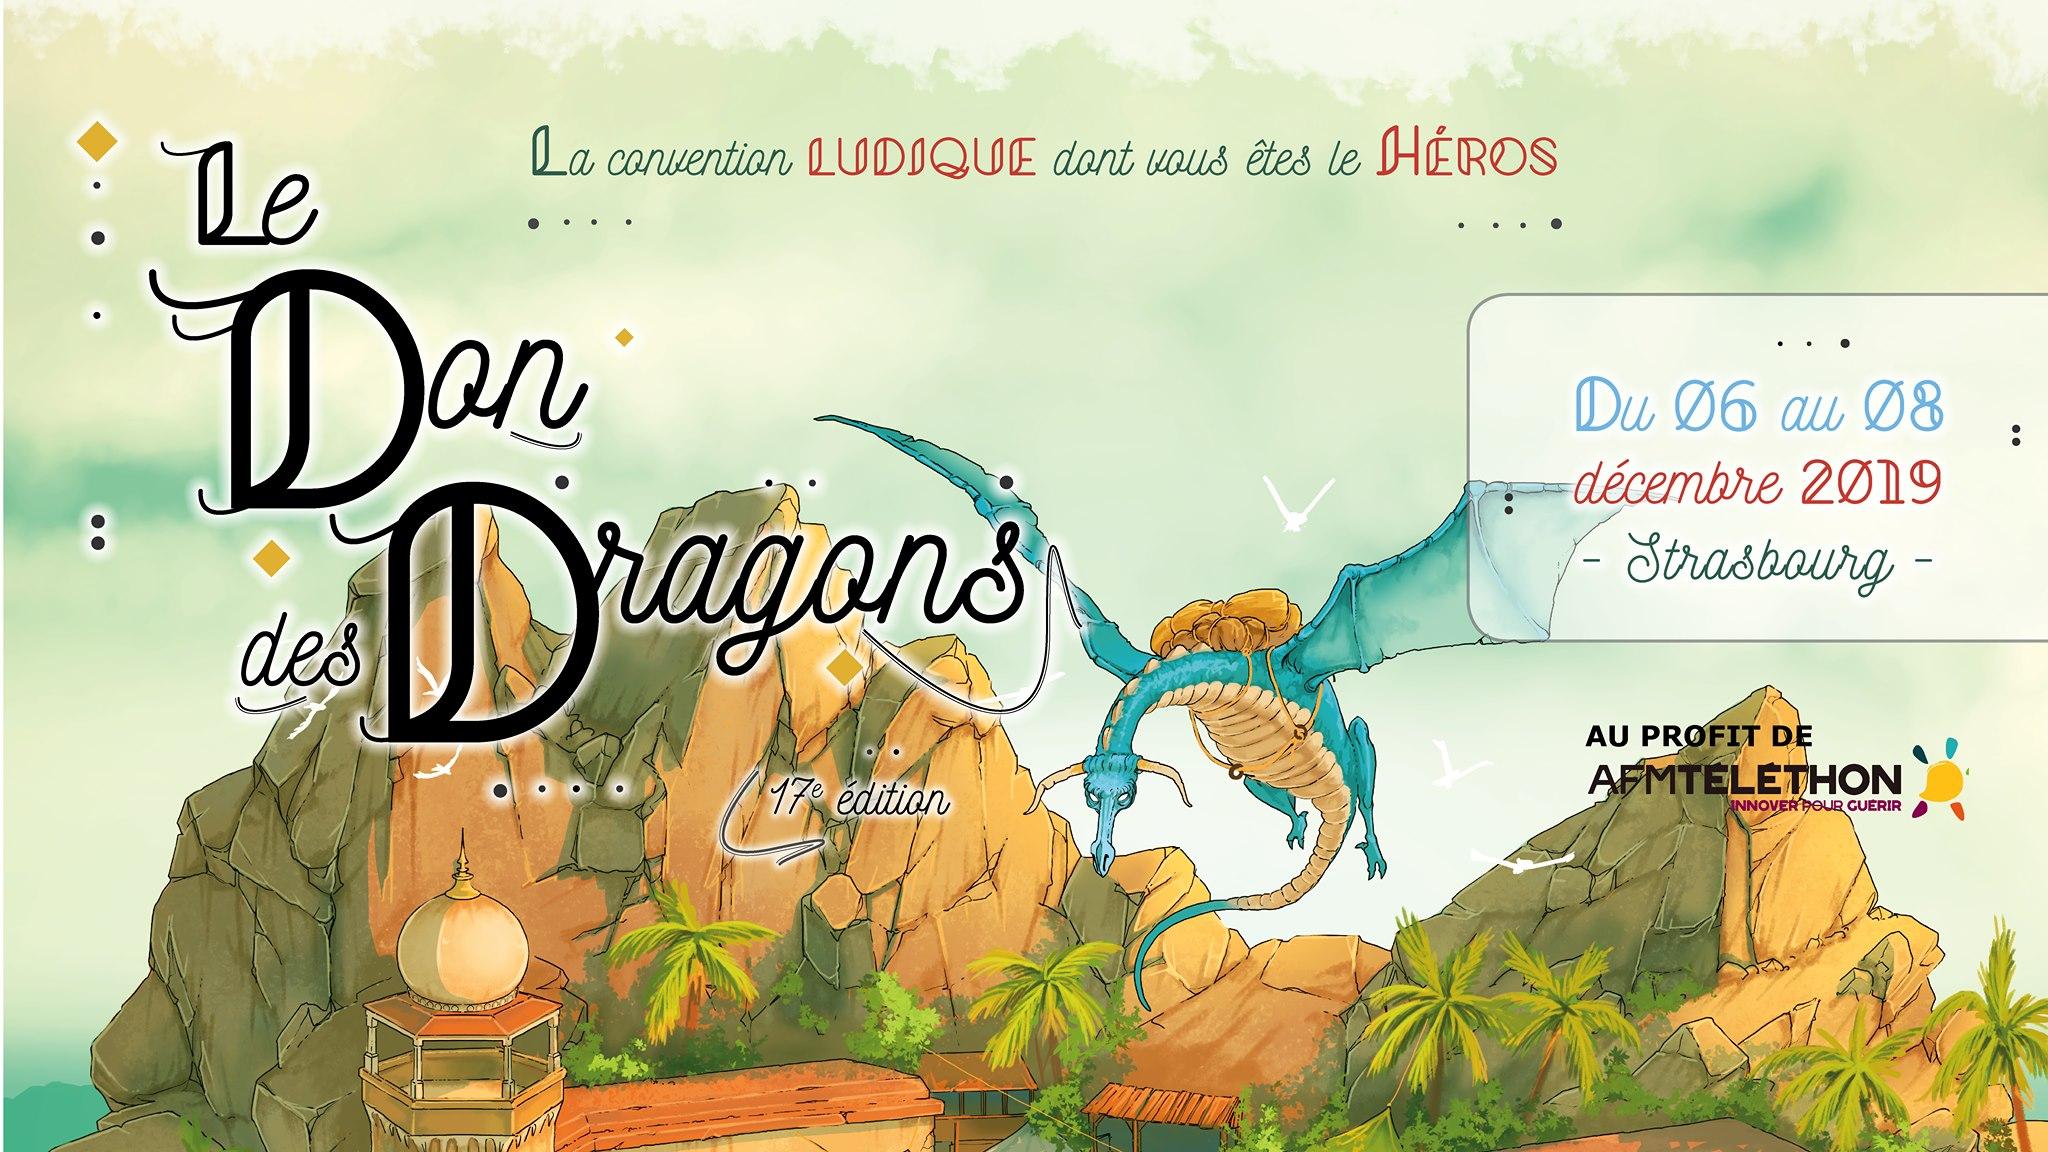 [ÉVÉNEMENT] Convention Le Don des Dragons 2019 – 17e édition